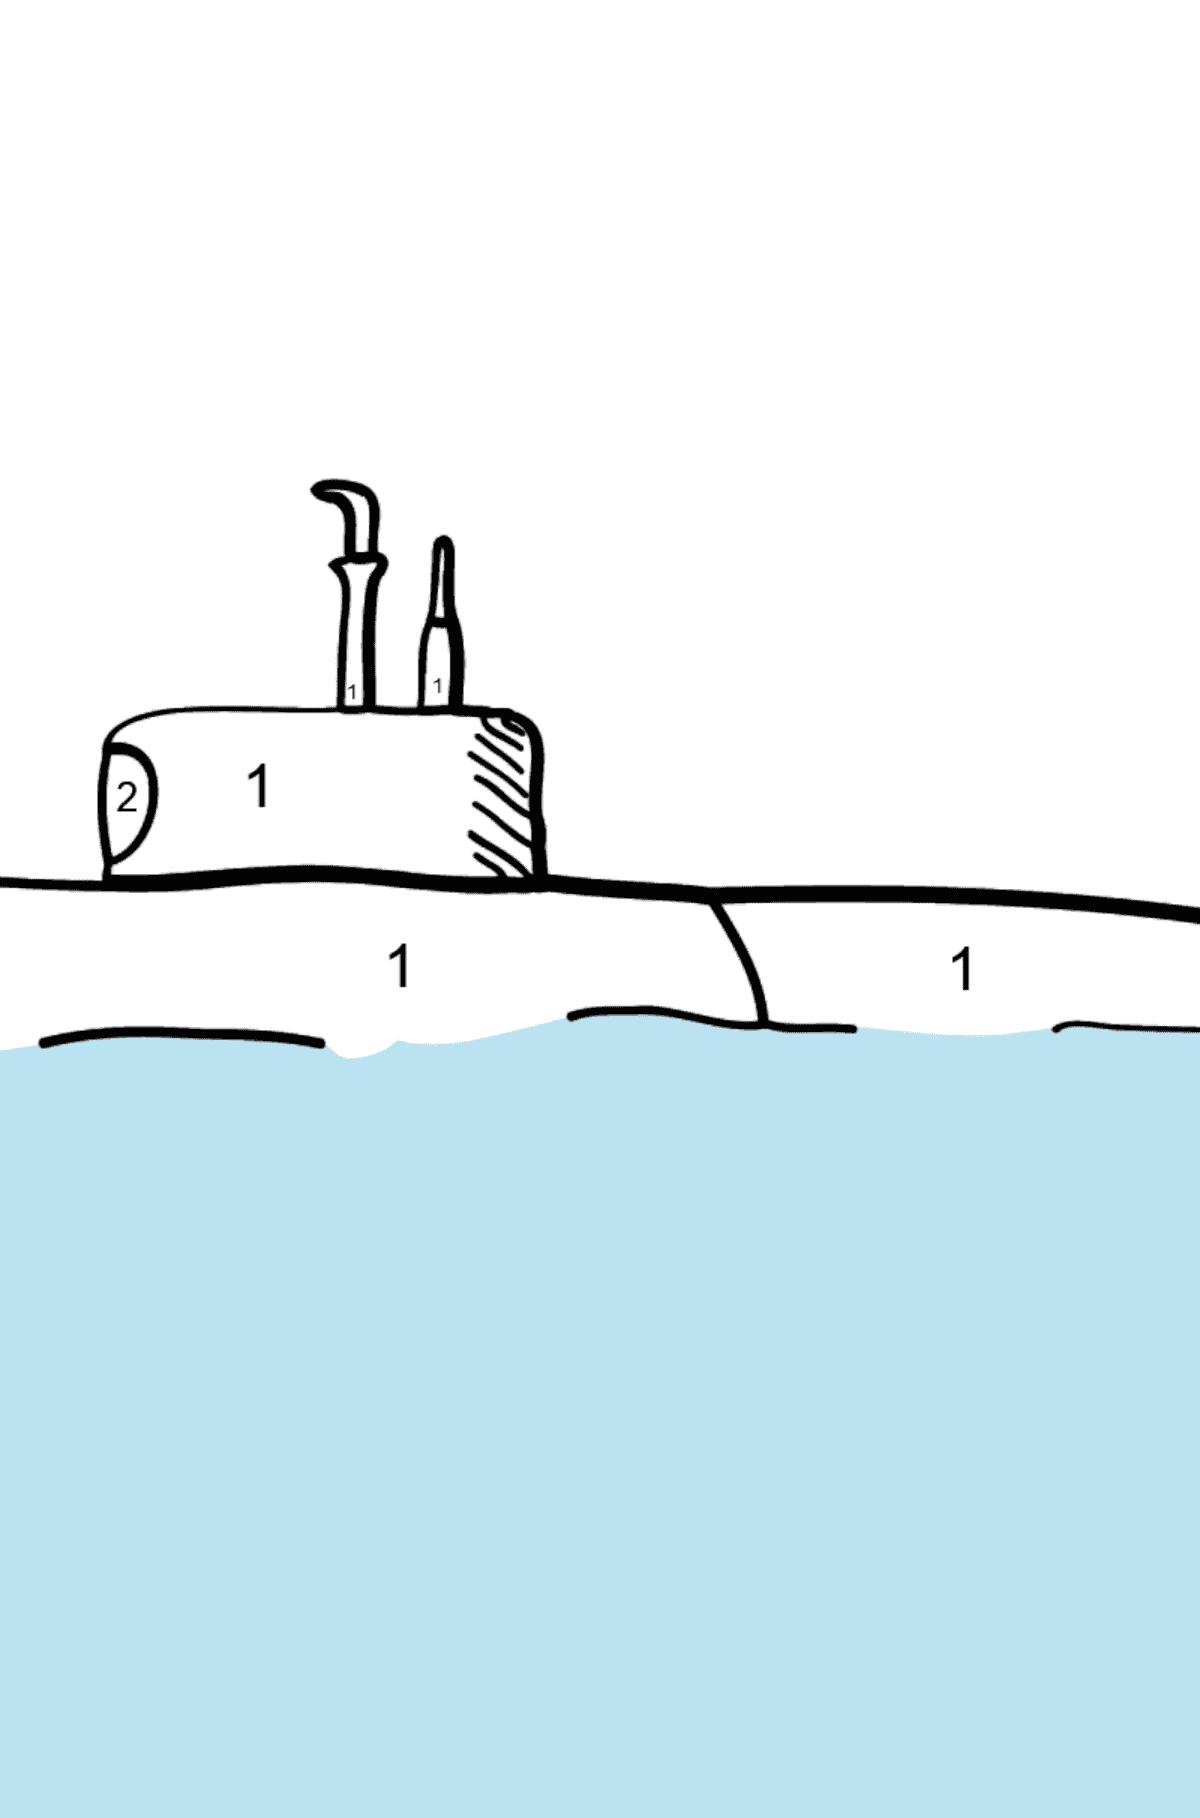 Раскраска подводная лодка - Раскраска по Номерам для Детей